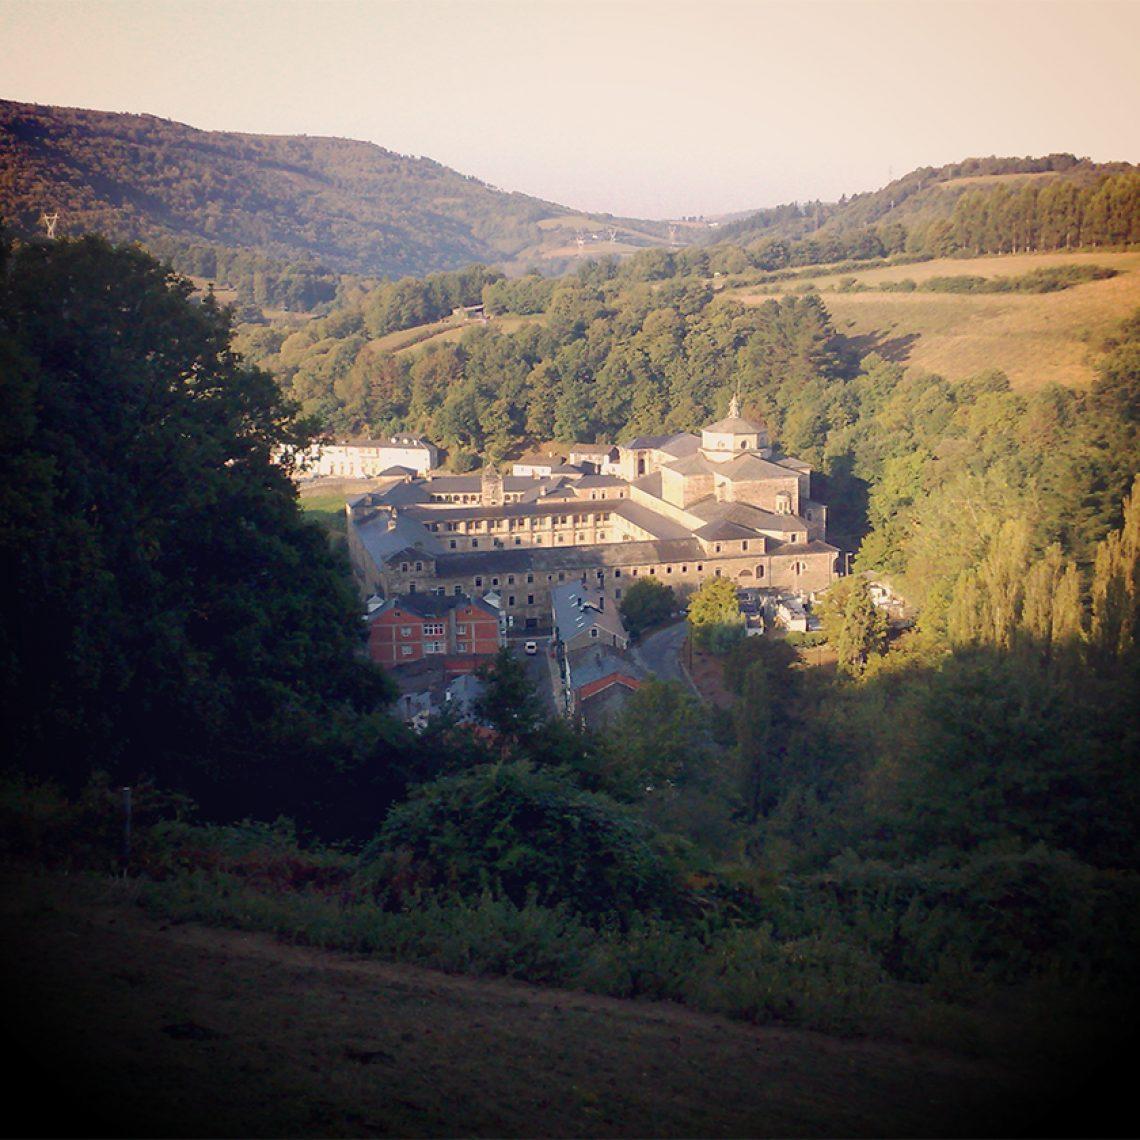 Mächtig gewaltig schaut die Klosteranlage schon von weitem aus. Steht man erst einmal davor, ist man sprachlos.